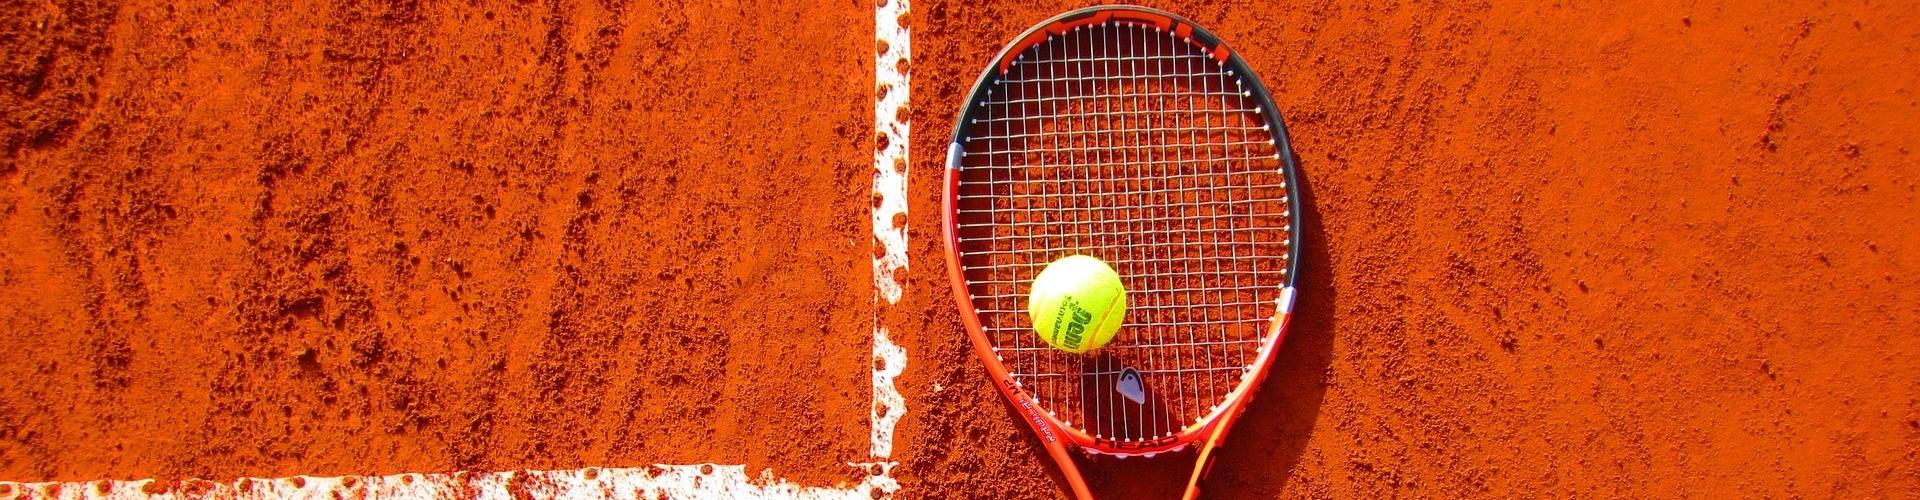 tennisles leiden